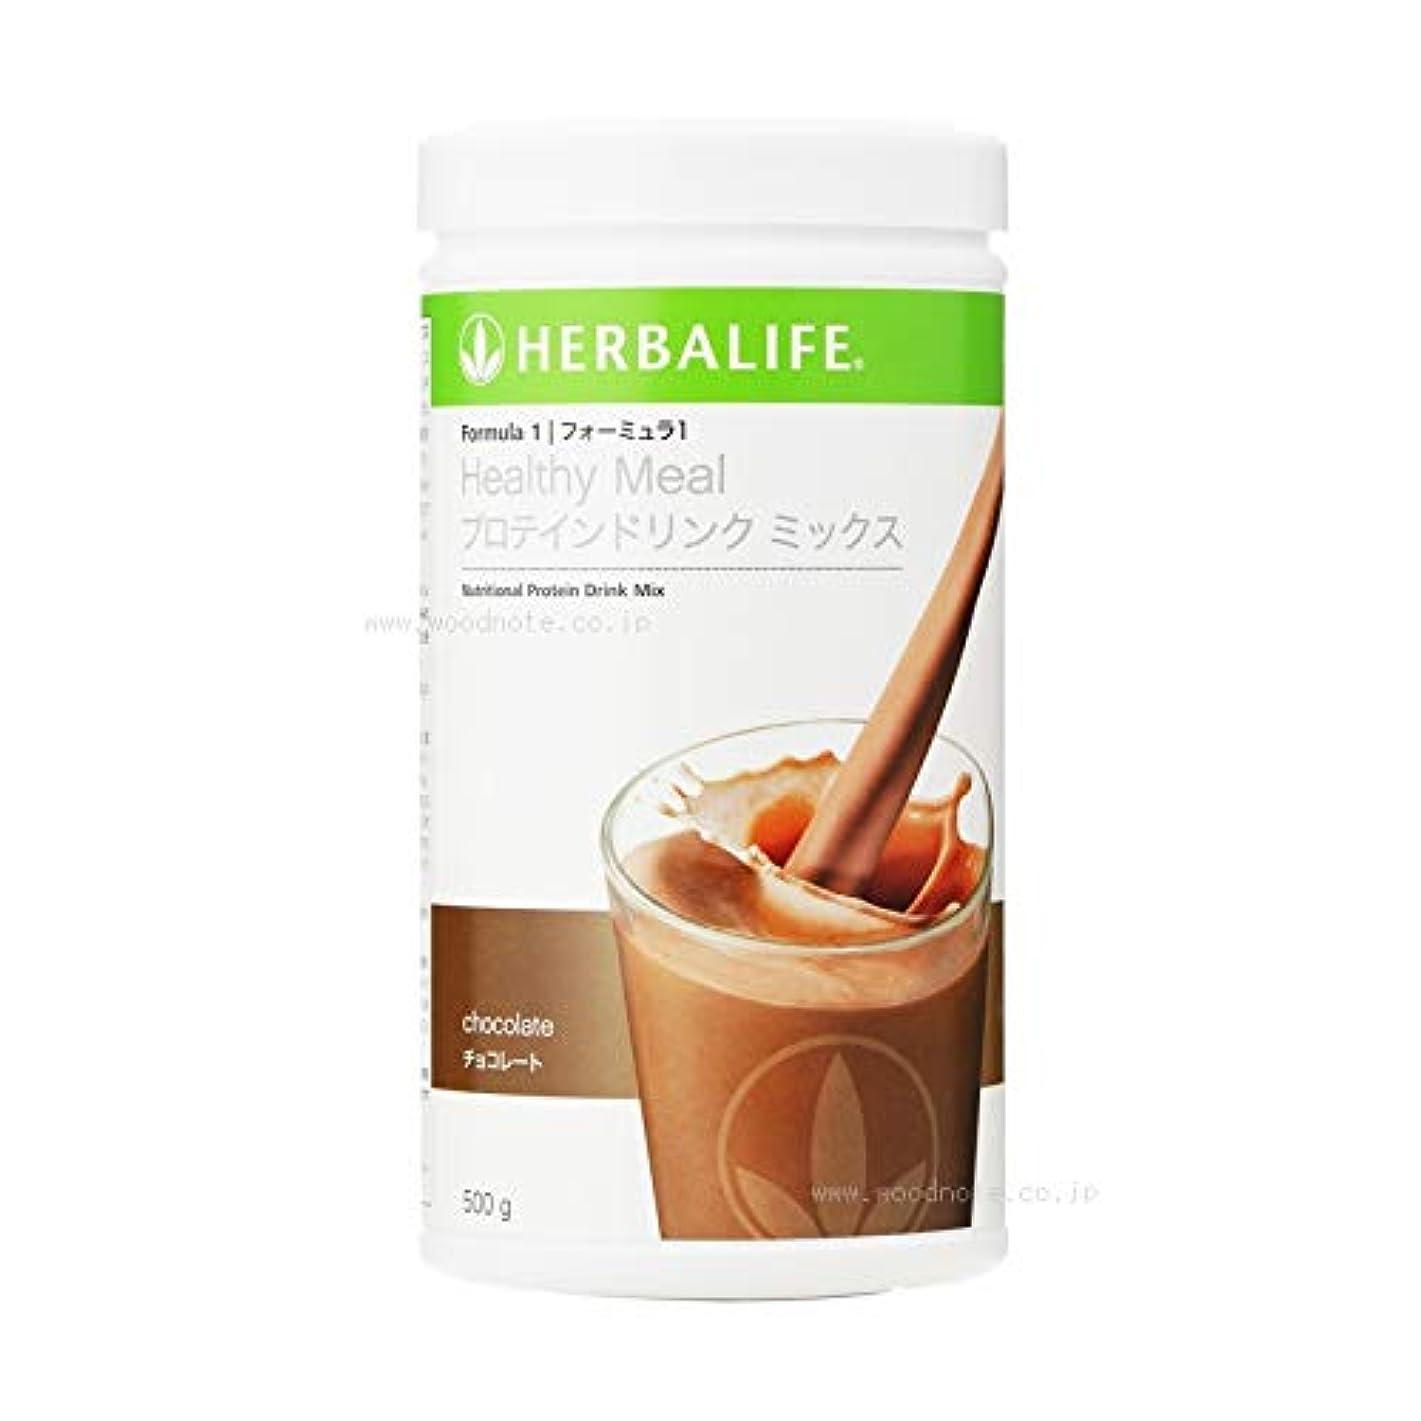 バクテリア一般レイプ【チョコレート】ハーバライフ F1 フォーミュラ1 プロテインドリンクミックス